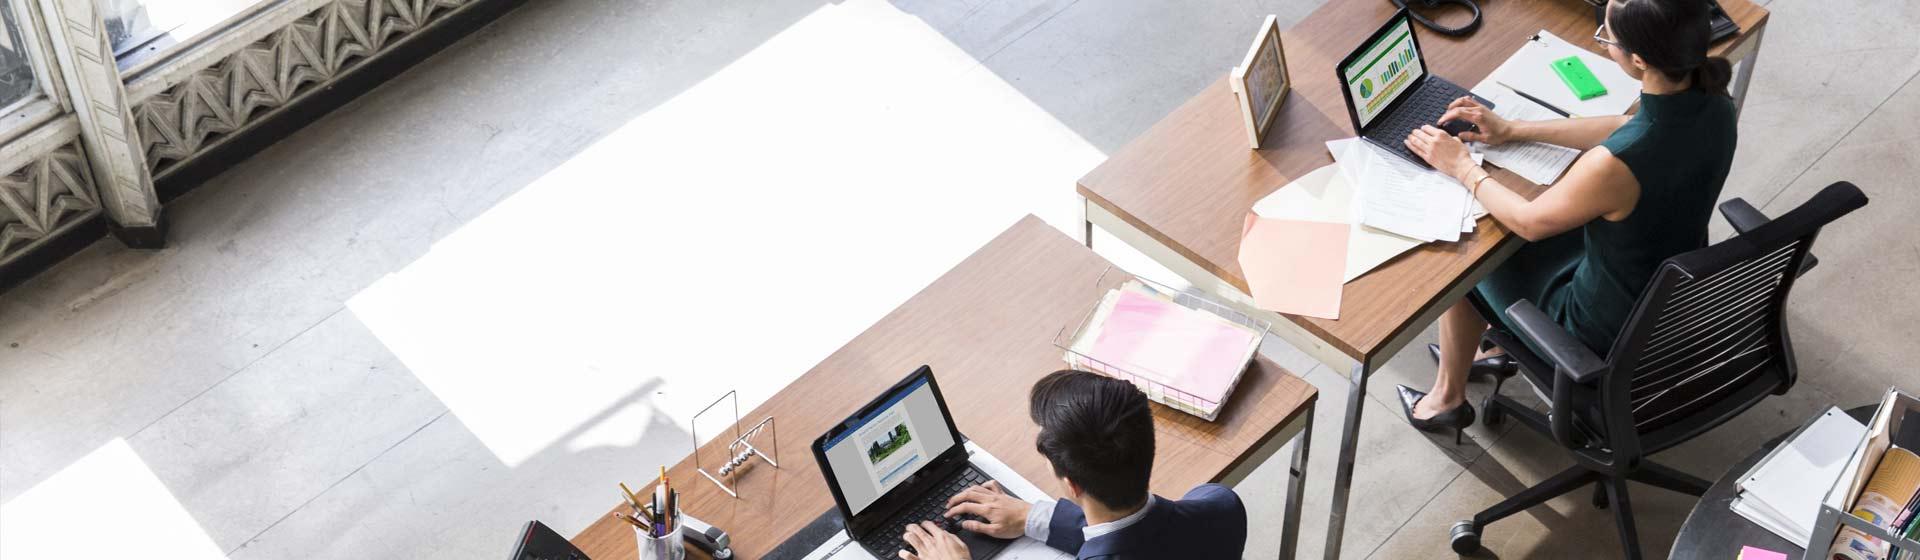 Mai multe avantaje: faceți upgrade de la Office 2013 la Office 365 astăzi